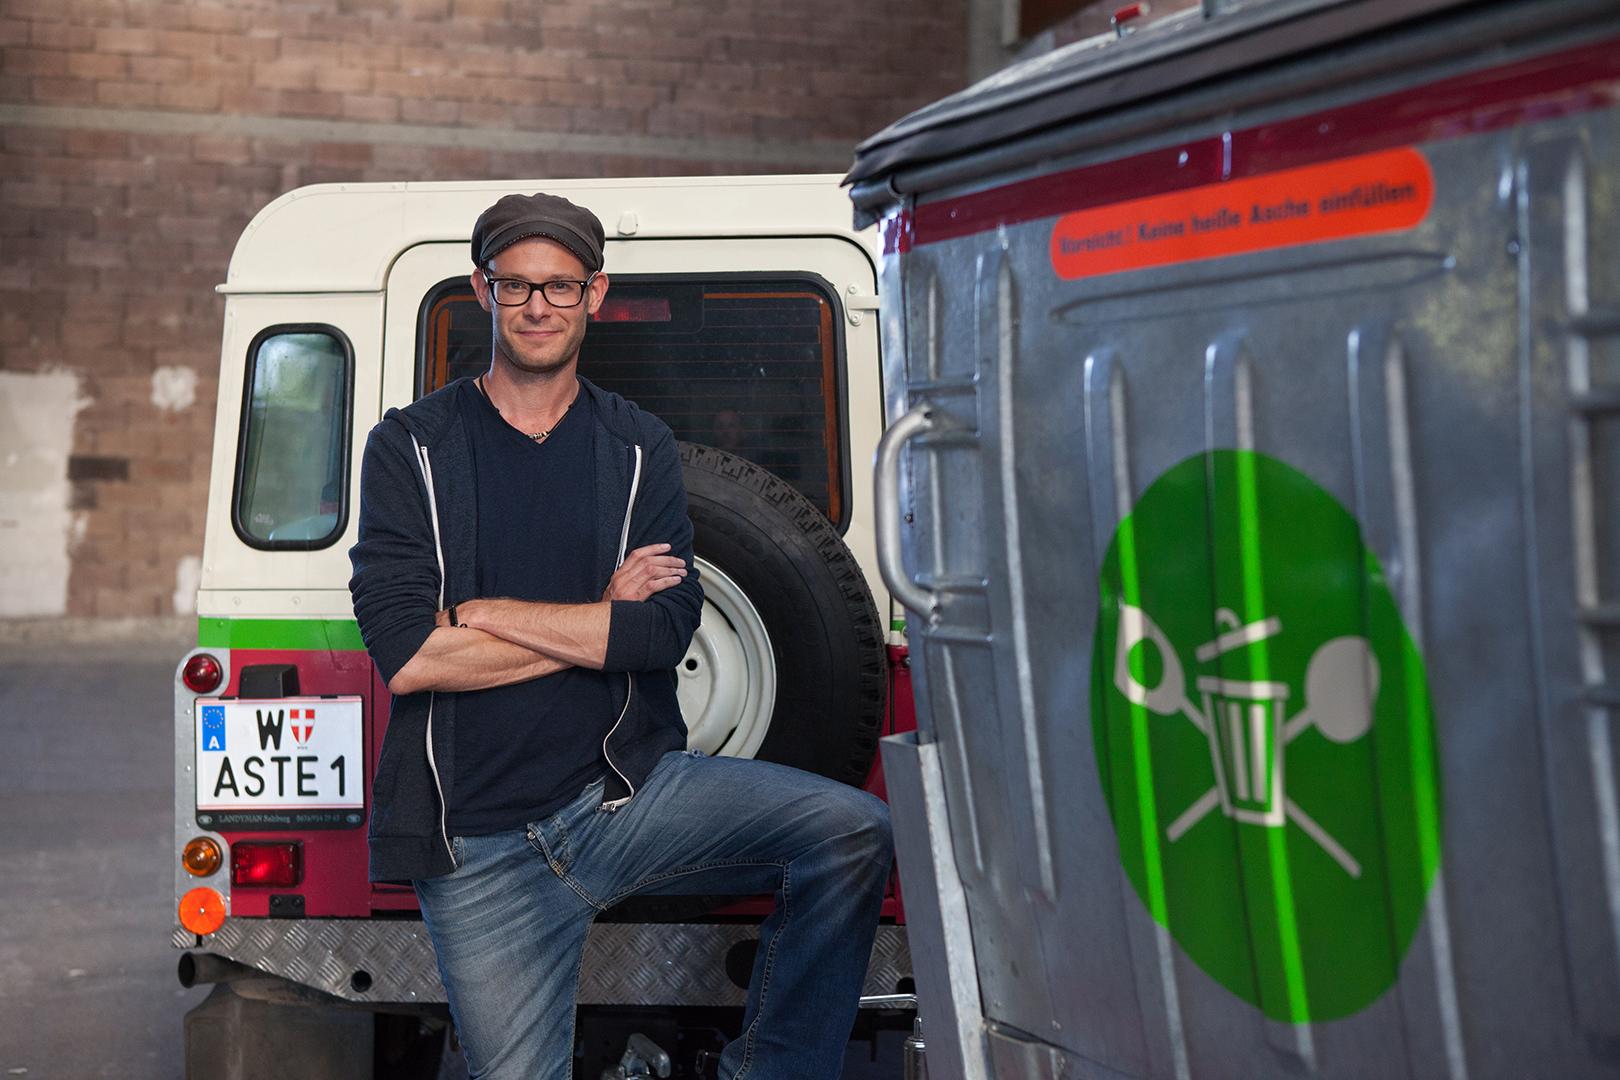 David Gross mit dem Wastemobil und der Wasteküche